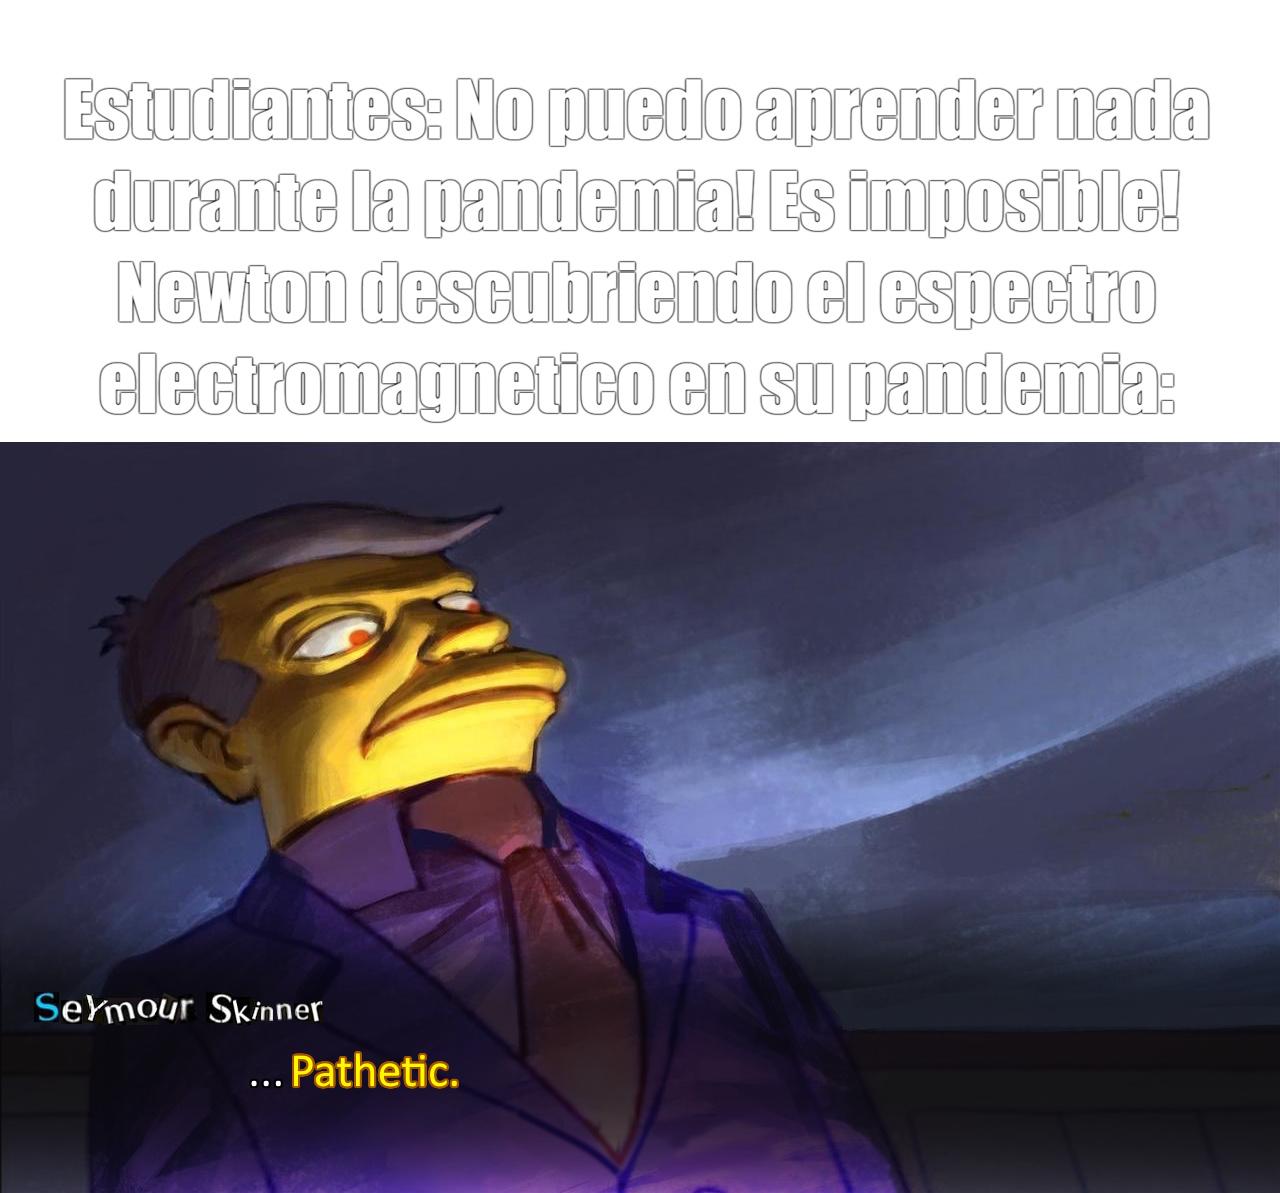 En fin, la hipocondria - meme